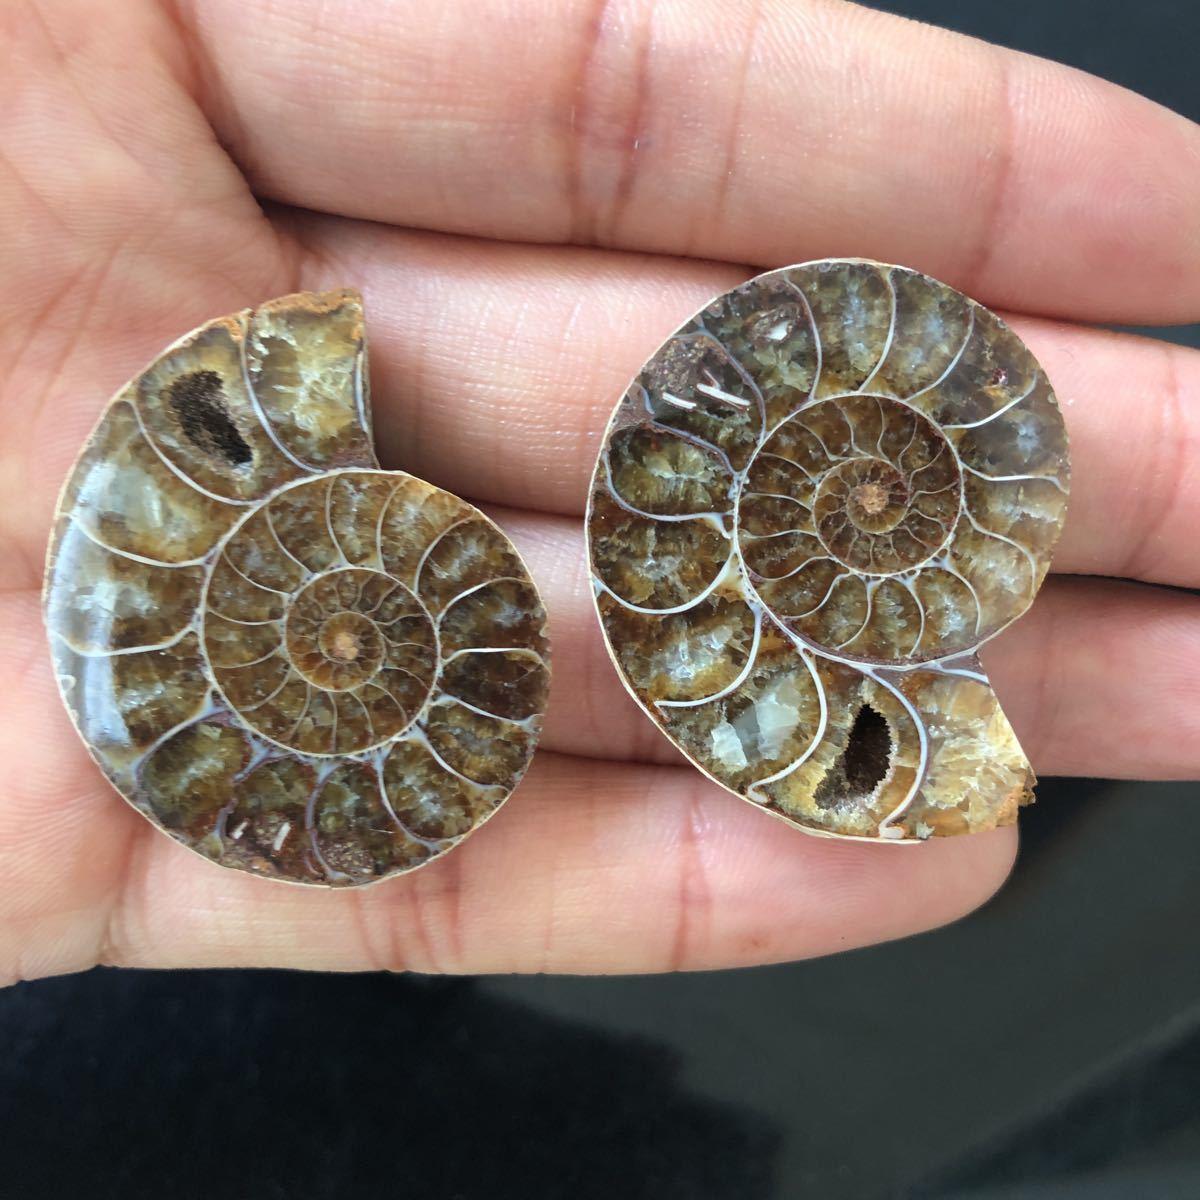 【古憶】化石 アンモナイト 断面 マダガスカル産 方解石化 標本 鉱物 原石 天然石2個セント21.5g/qp70_画像6